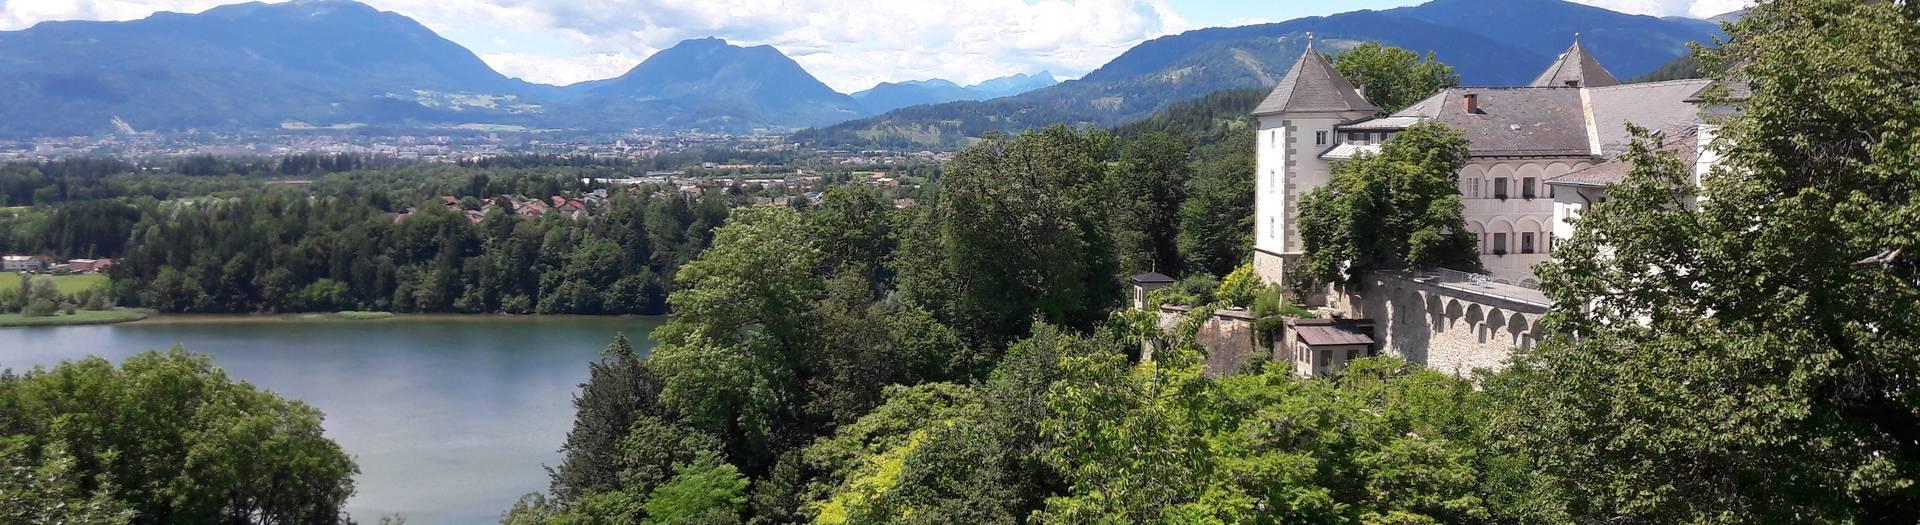 <p>Burgen und Schlösser in Kärnten, Kloster Wernberg Drauschleife</p>